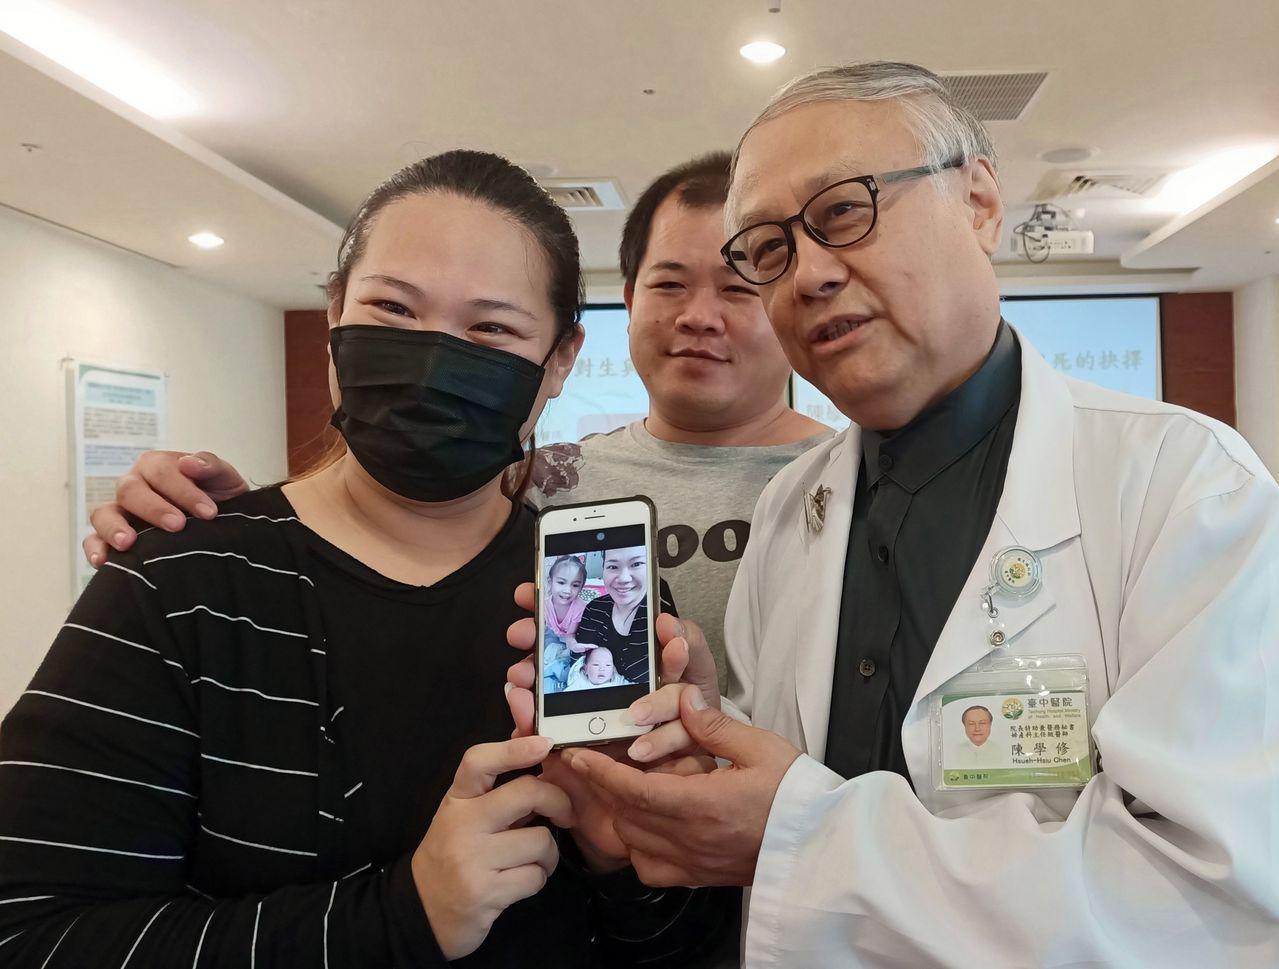 王姓產婦(左)感謝醫師陳學修(右)搶救她和女兒一命。圖/衛福部台中醫院提供